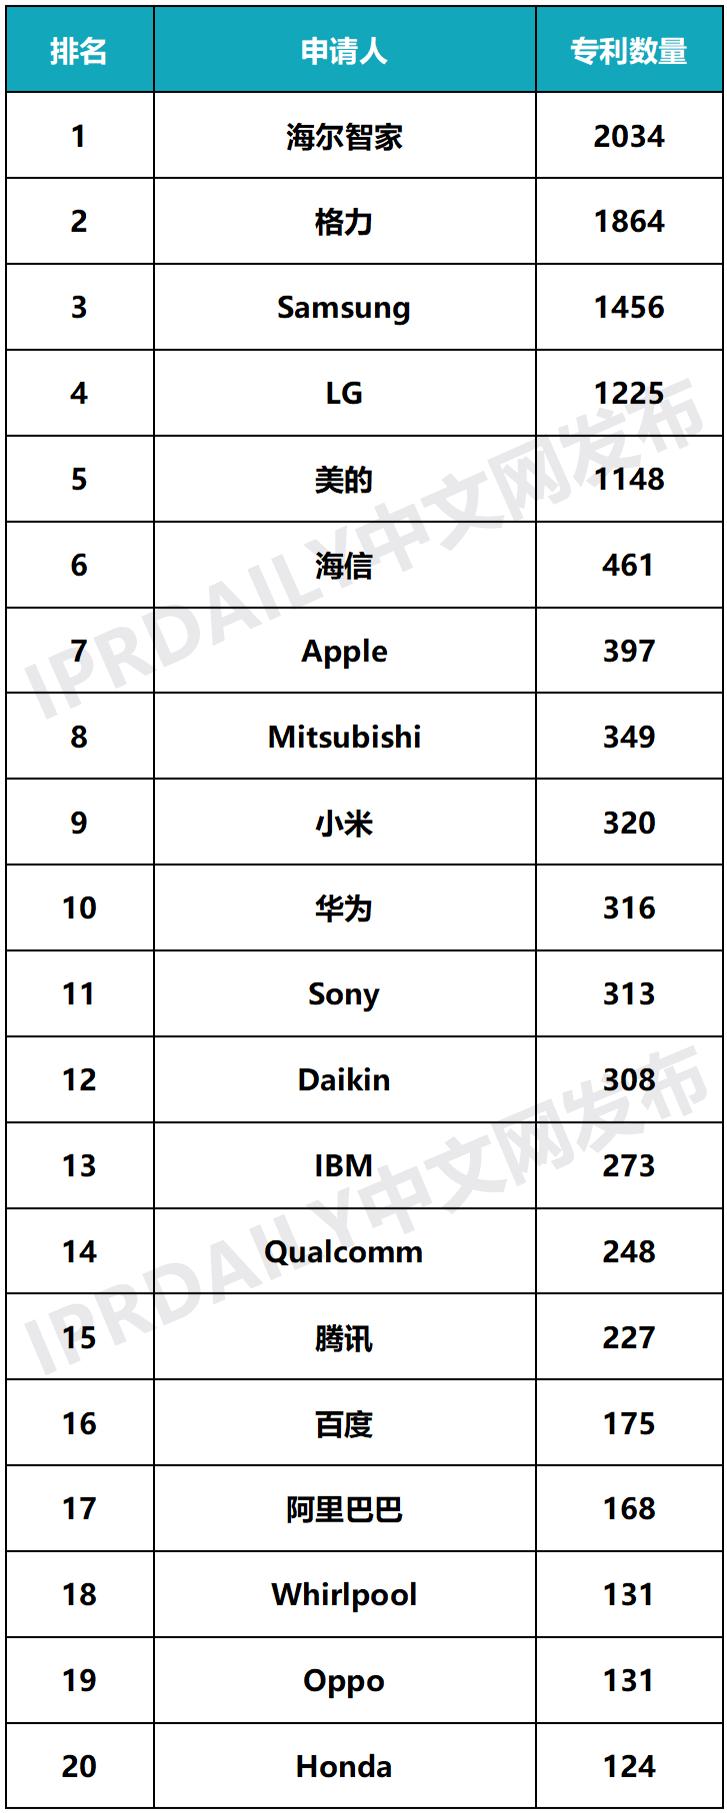 2020年全球智慧家庭发明专利排行榜(TOP100)